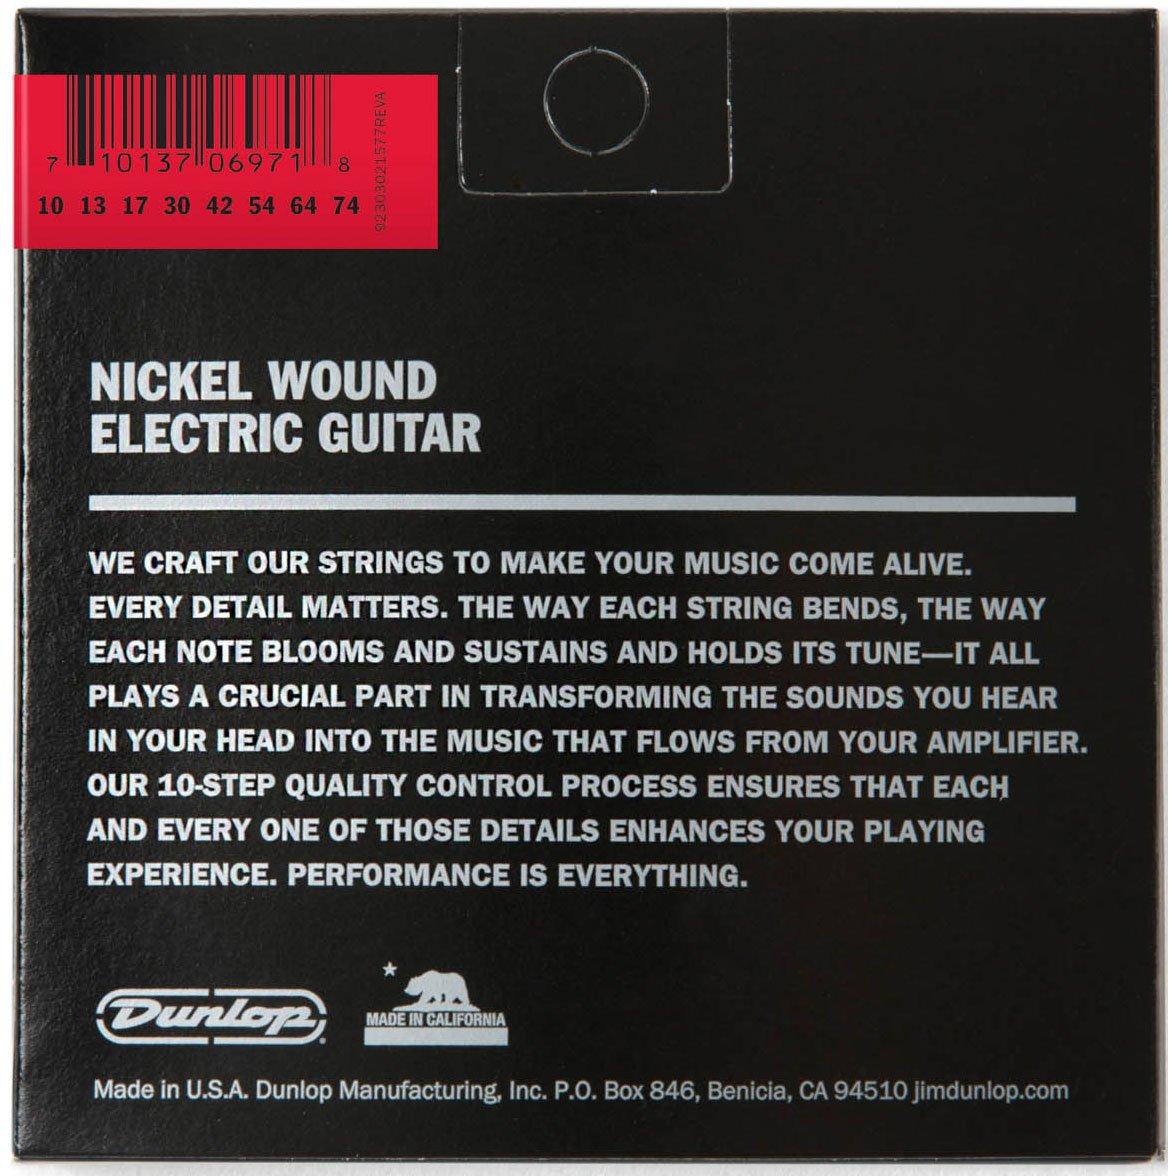 Dunlop DEN1074 mediano níquel Wound Cuerdas para guitarra eléctrica (0.10 - 0.74) 8-strings: Amazon.es: Instrumentos musicales